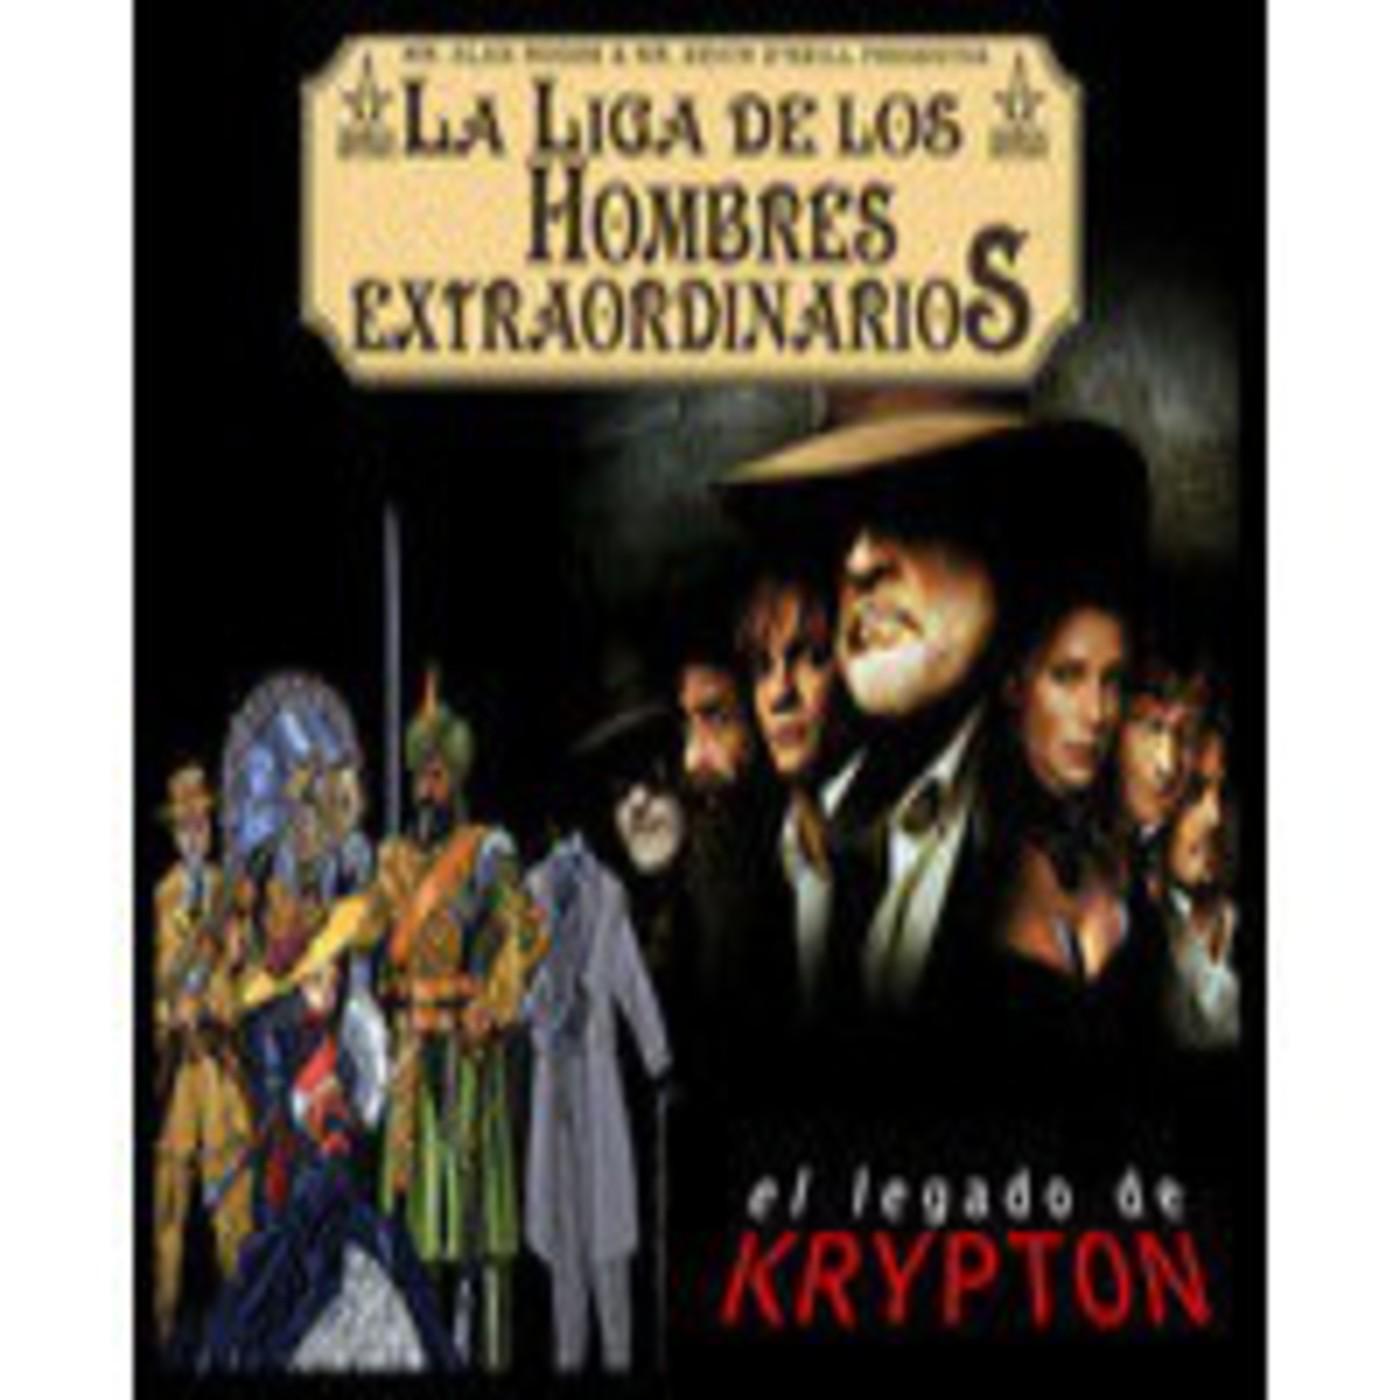 El legado de Krypton 39 - La liga de los hombres extraordinarios (comics y película)